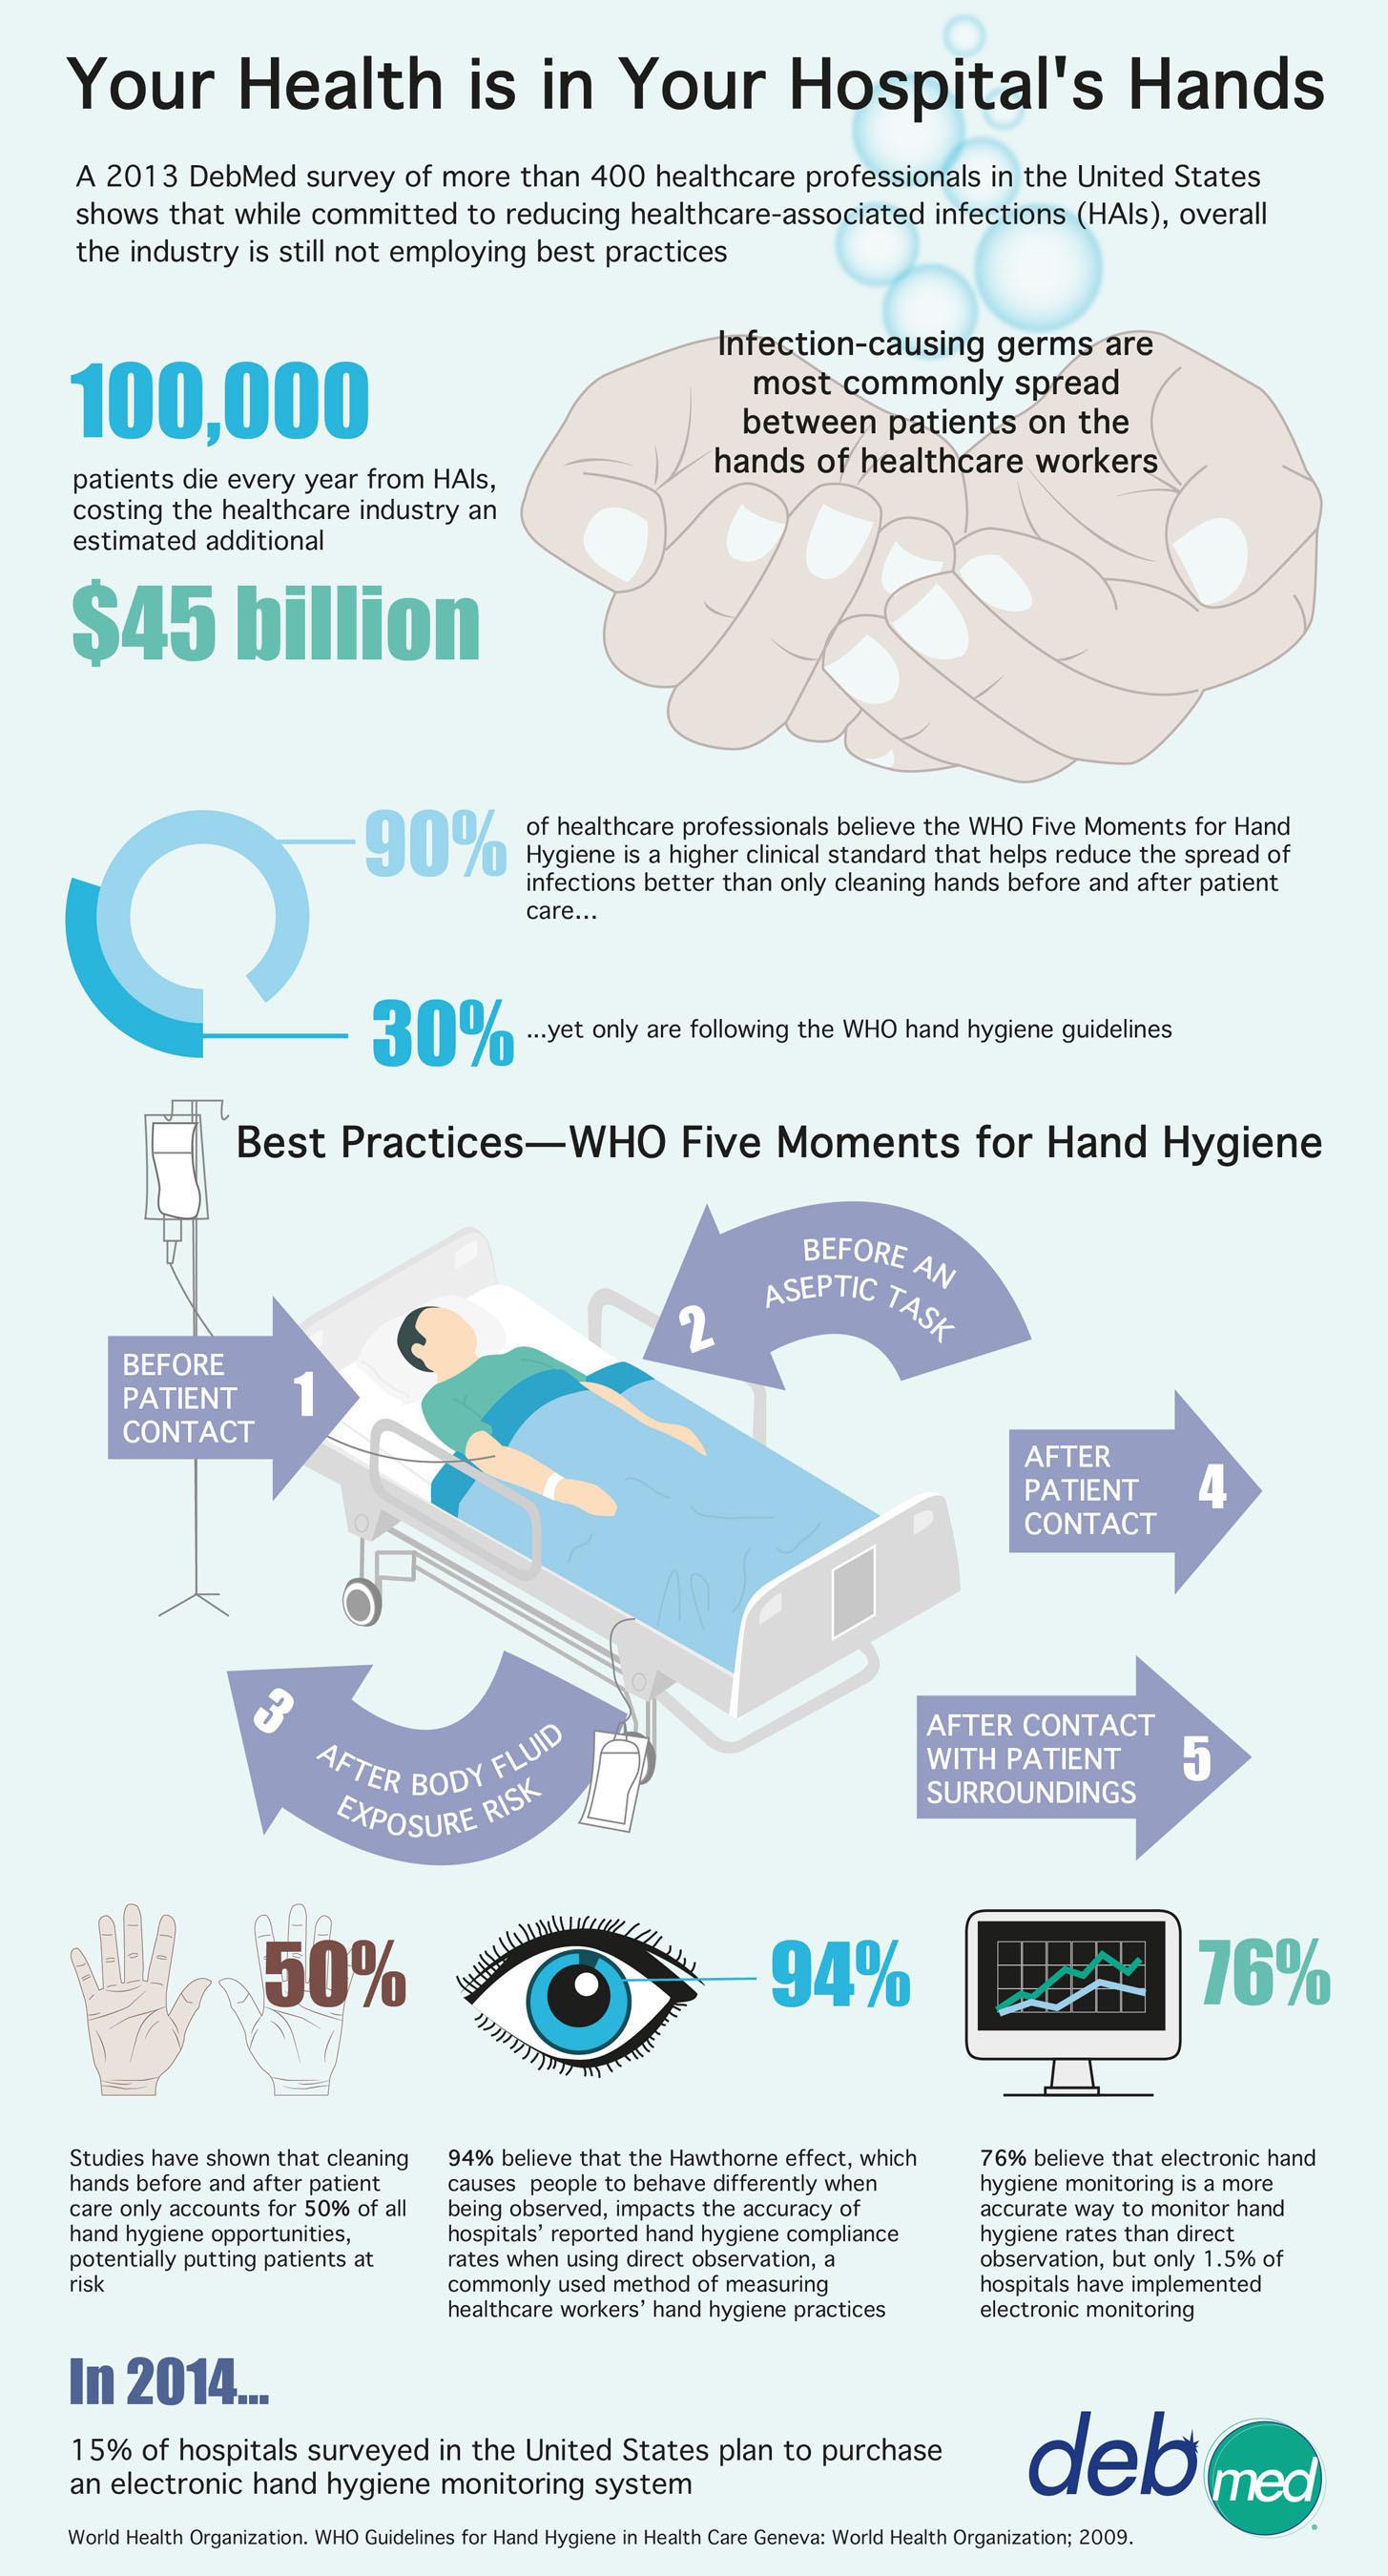 Your Health is in Your Hospital's Hands. (PRNewsFoto/DebMed) (PRNewsFoto/DEBMED)